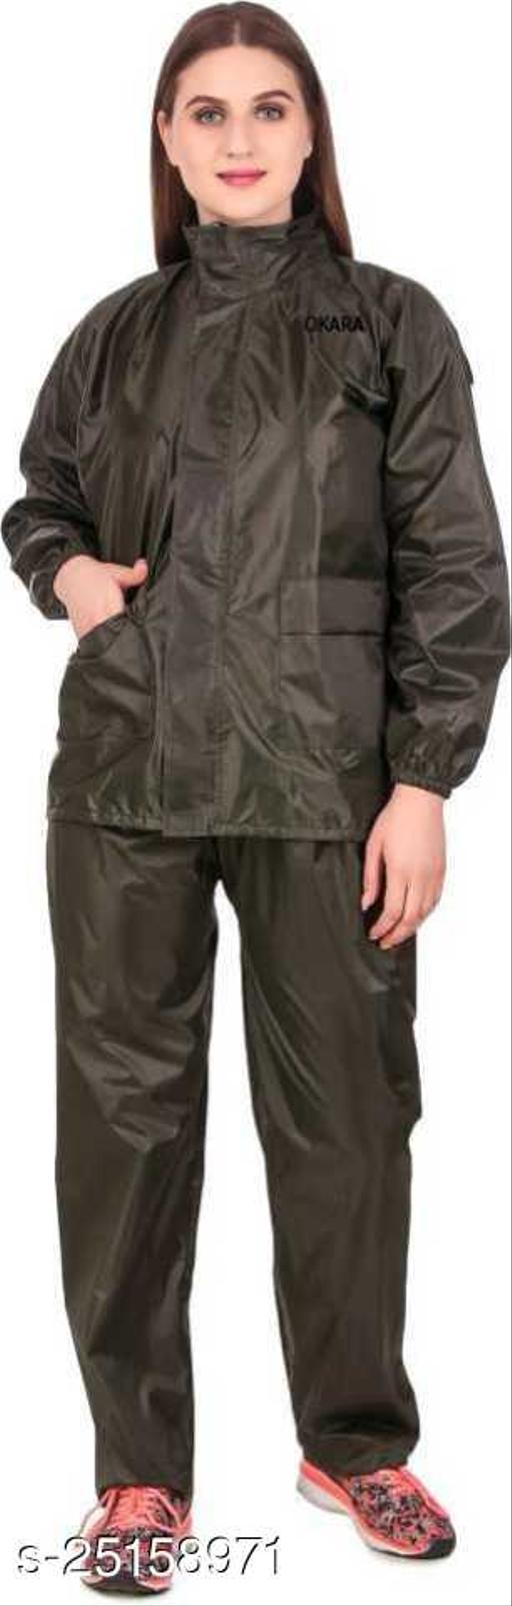 Rain coat ,Waterproof garments ,Barsati ,Rainsuits ,Rainwear, Polyster rainsuit